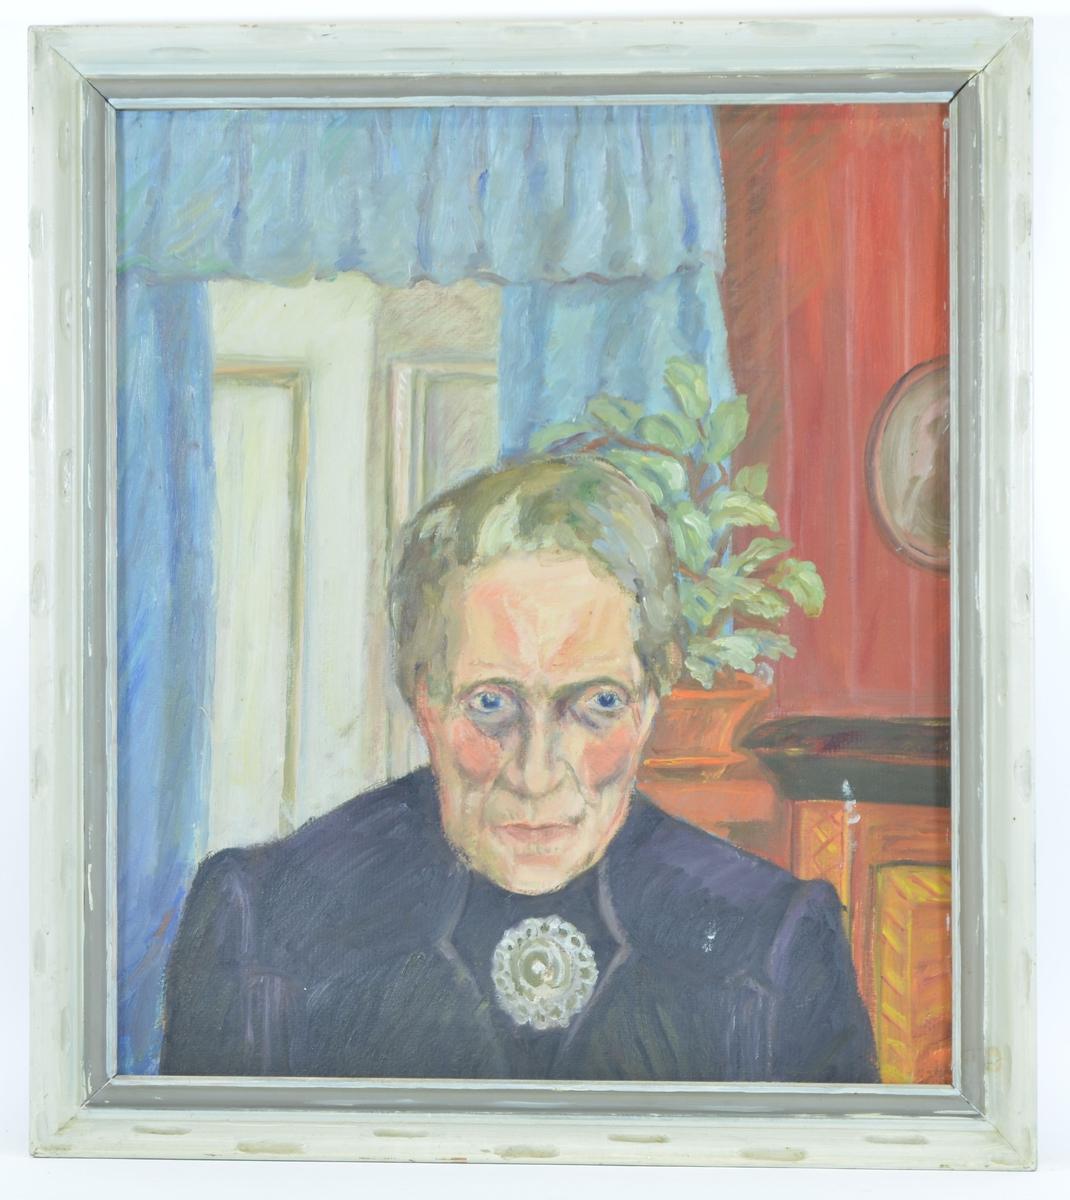 Motivet viser en eldre kvinne, fra skuldrene og opp. Hun har blikket rettet mot høyre, mens ansiktet er vendt rett mot tilskueren. Hun har på seg en mørk overdel med en rund brosje/nål i halsen. I bakgrunnen ser man en dør med gardiner rundt til høyre, en pidestall med en grønn plante i midten, og deler av et møbel og et ovalt bilde som henger på veggen til høyre.